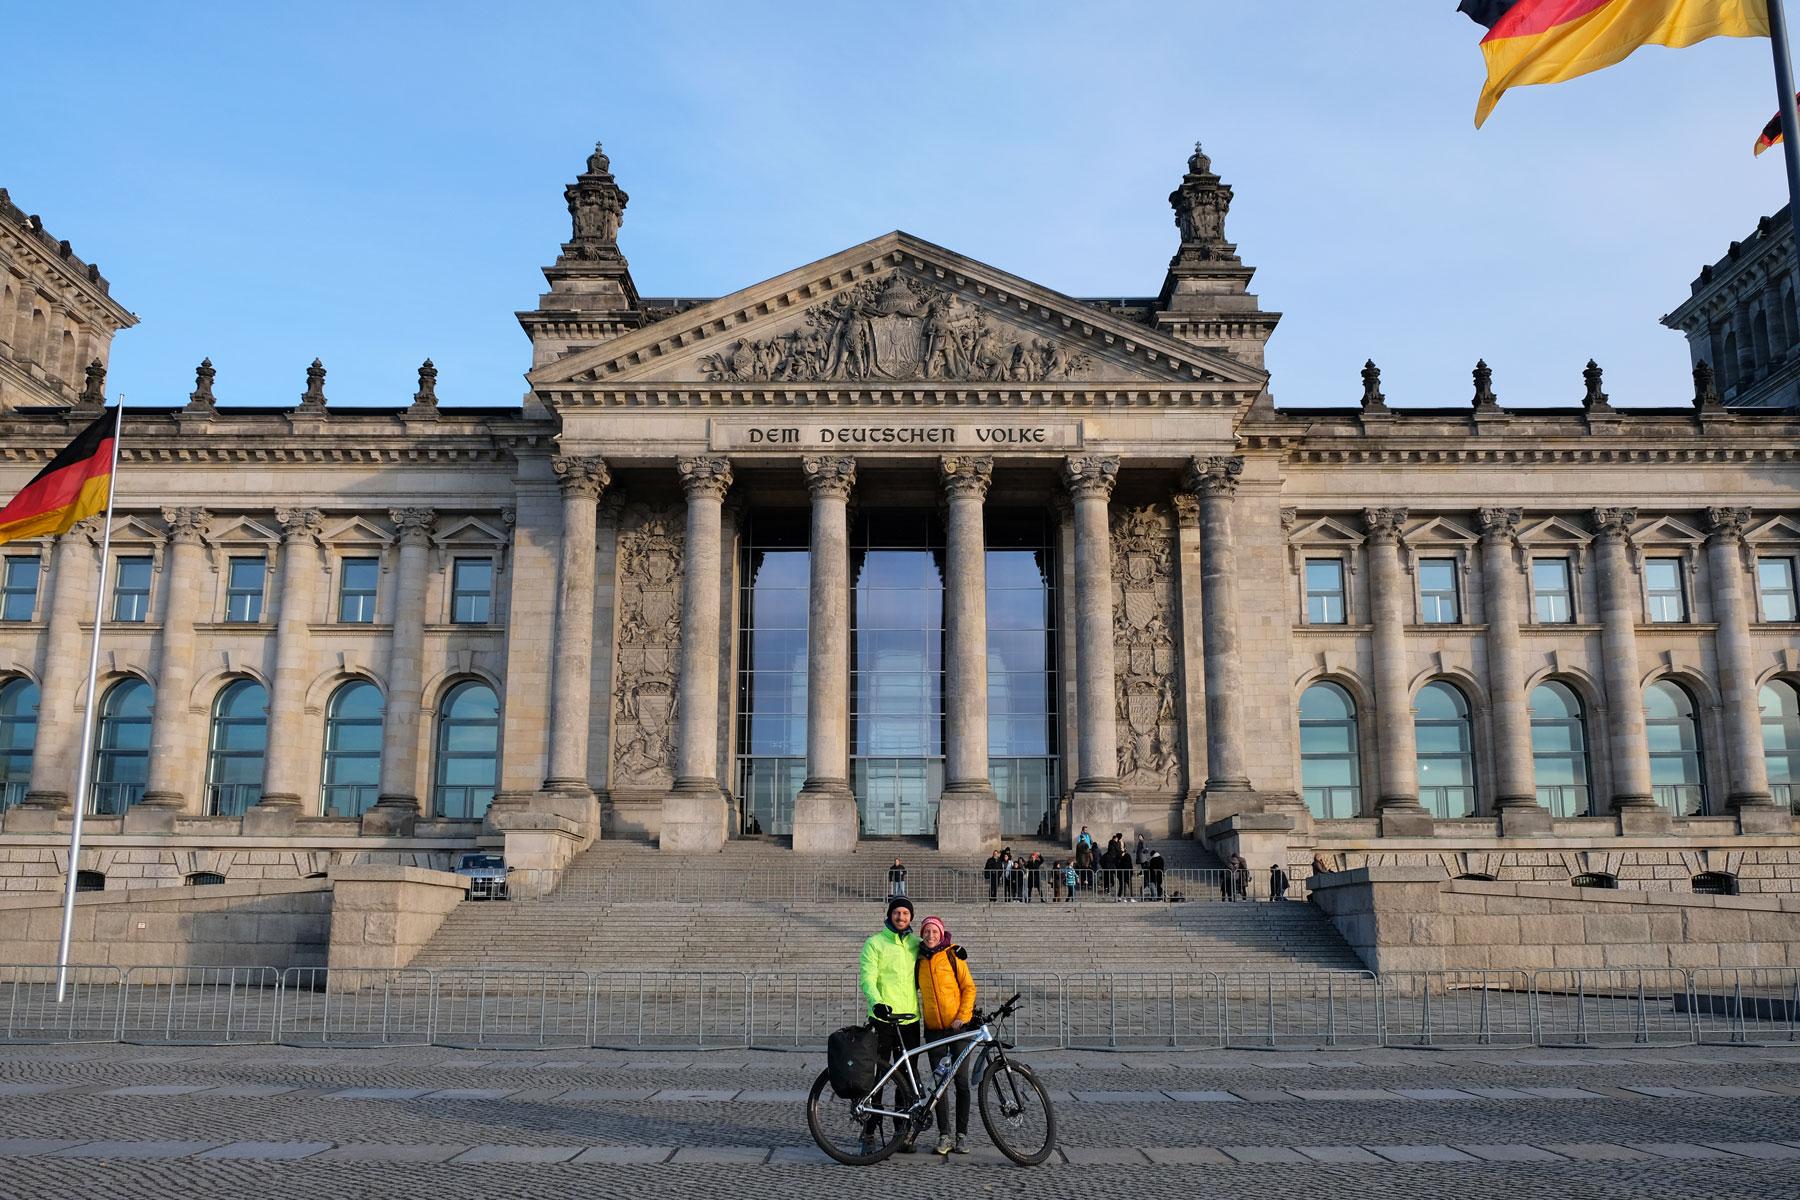 Leo und Sebastian stehen vor dem Reichstagsgebäude in Berlin.